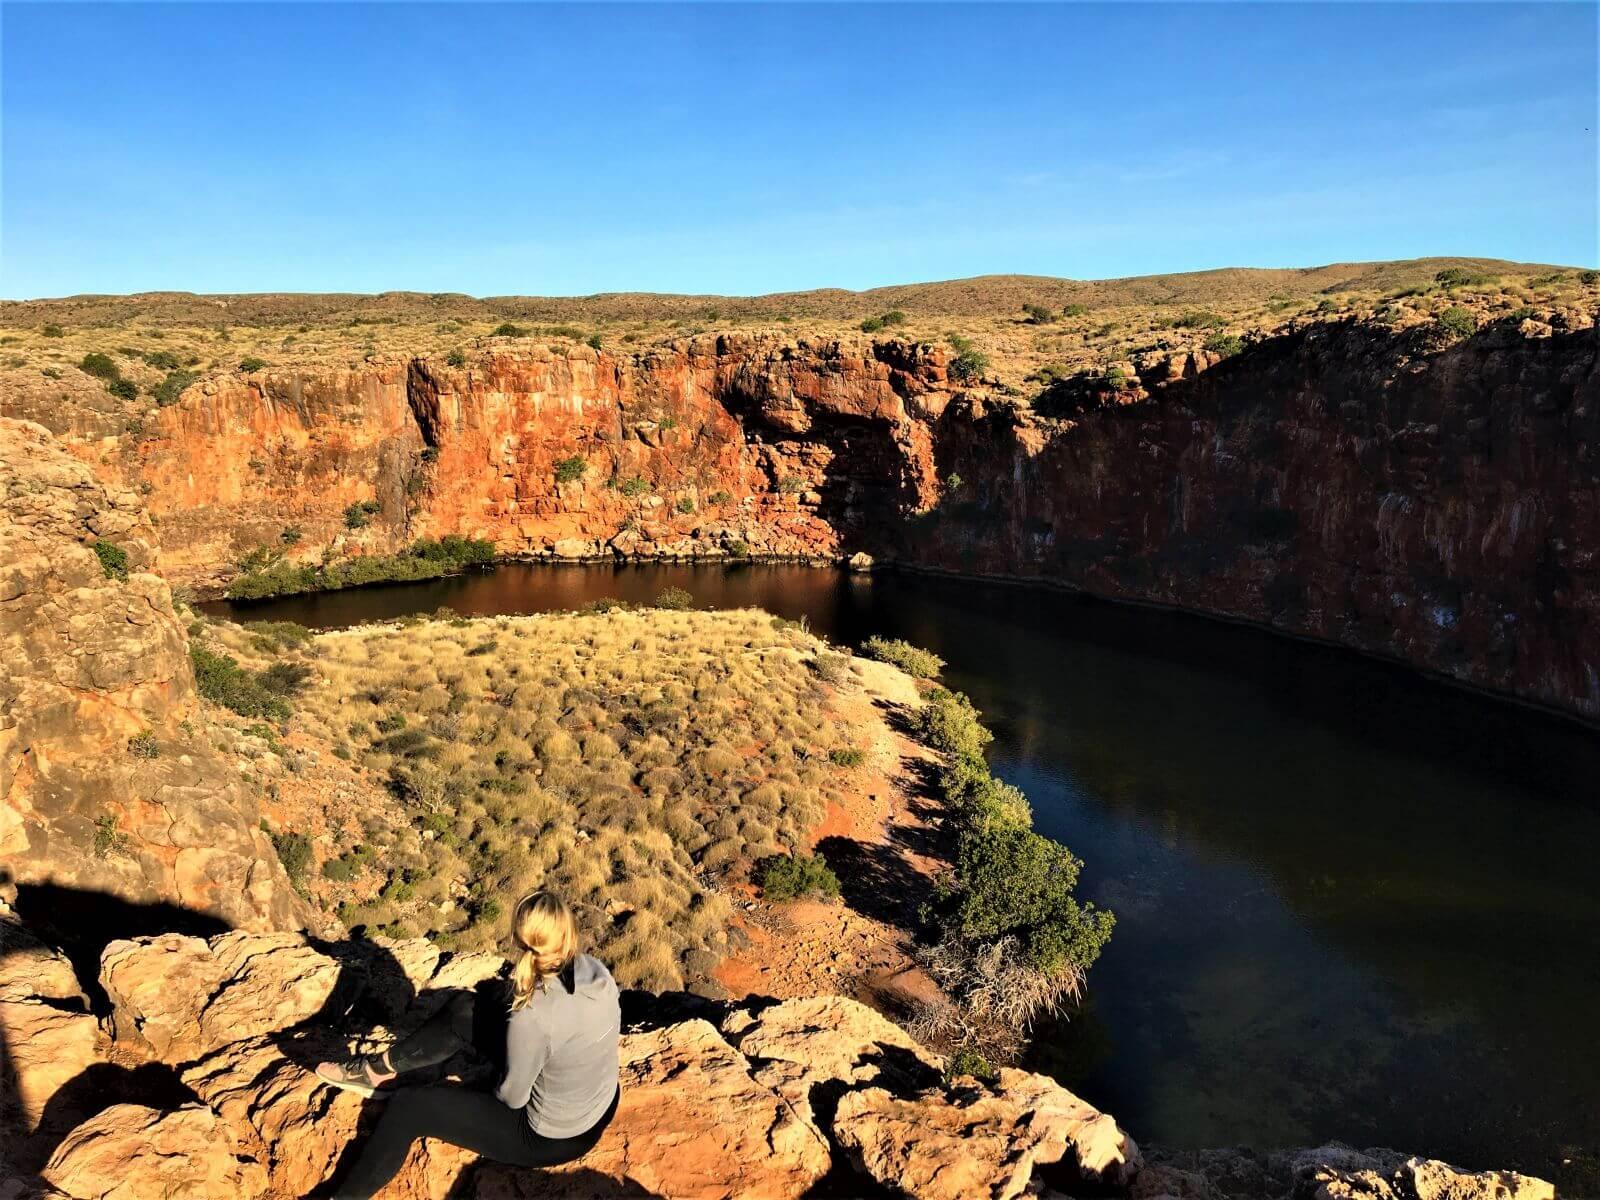 Schlucht im Cape Range National Park - Australien